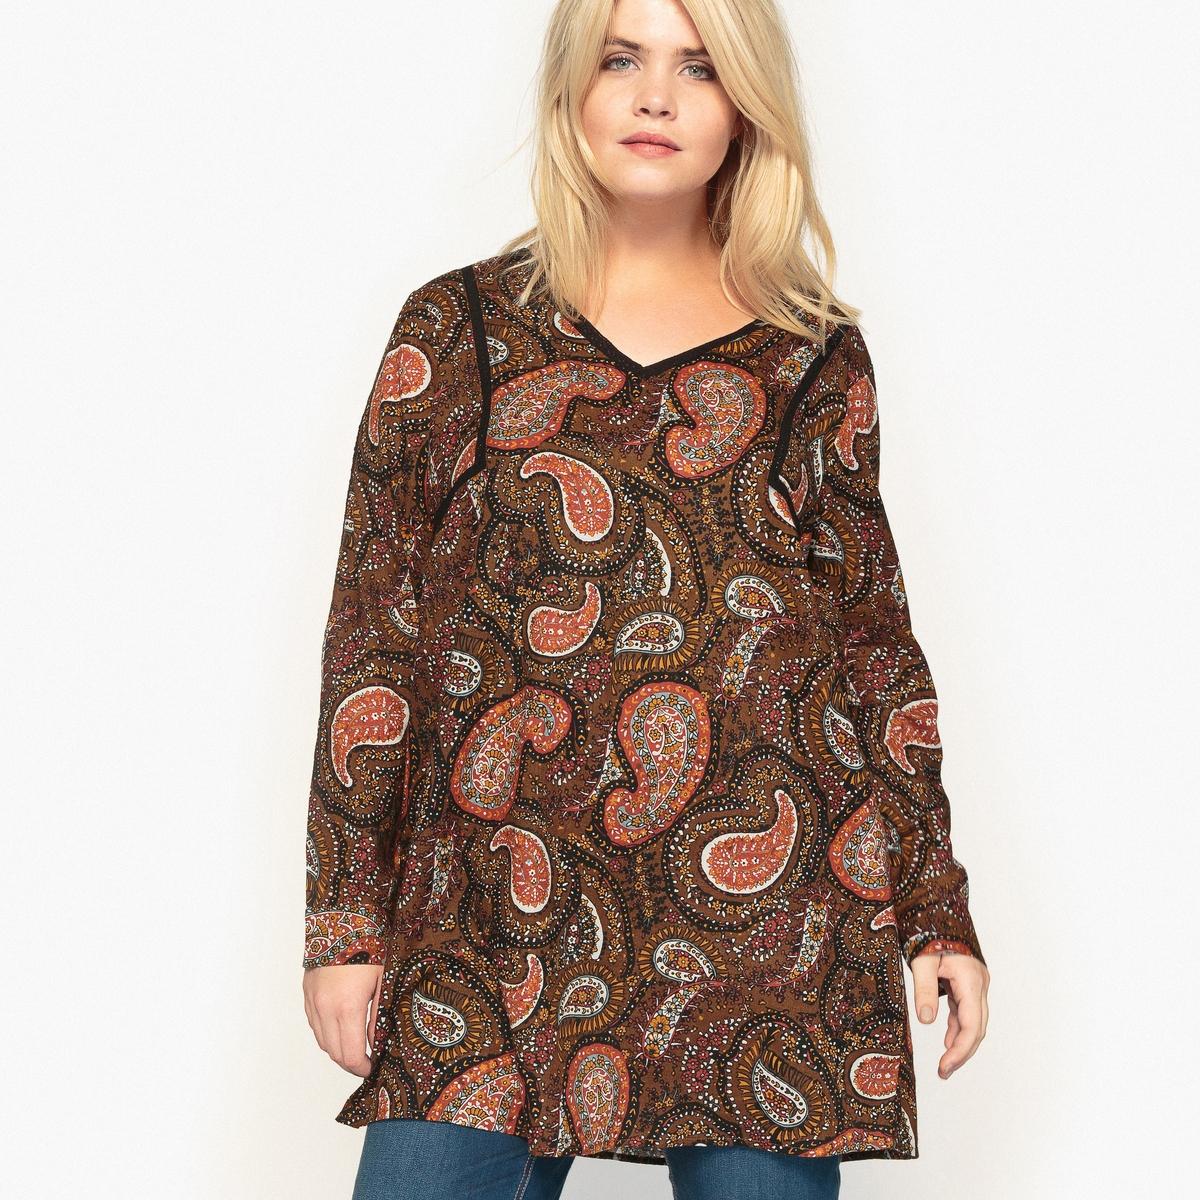 Блузка длинная с принтом, V-образным вырезом и длинными рукавамиВ этой блузке с кашемировым рисунком есть все, чтобы нам понравится . Симпатичный богемный стиль  . Эту длинную блузку можно носить поверх джинсов Детали •  Длинные рукава •  Прямой покрой •  Воротник-поло, рубашечный •  Рисунок в горошекСостав и уход •  100% хлопок •  Температура стирки 30°   •  Сухая чистка и отбеливание запрещены •  Не использовать барабанную сушку •  Низкая температура глажкиТовар из коллекции больших размеров<br><br>Цвет: рисунок пейсли